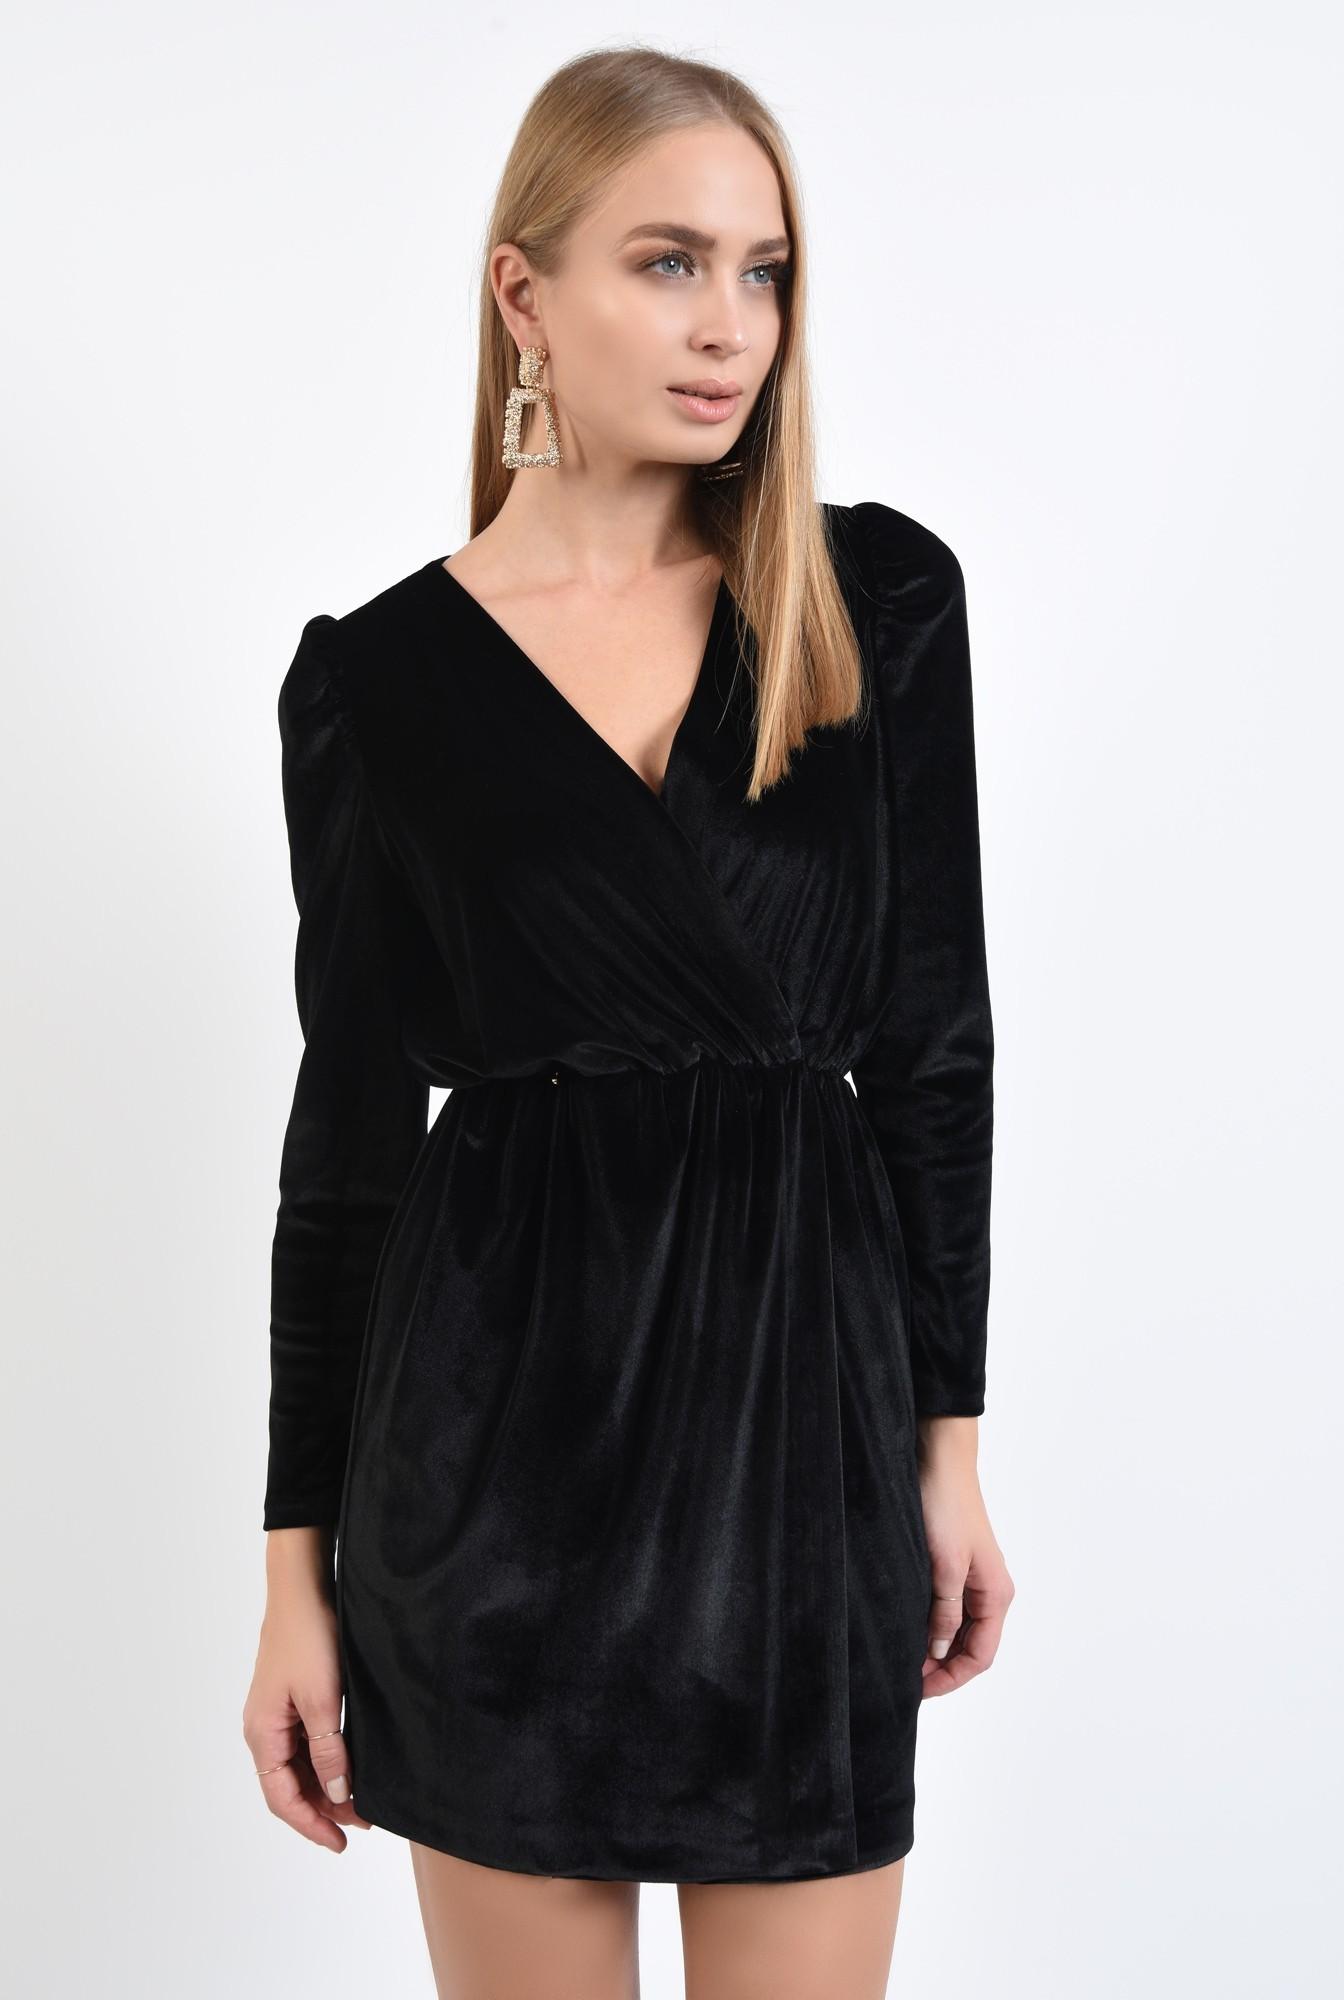 0 - 360 - rochie eleganta, neagra, scurta, decoltata, cu anchior